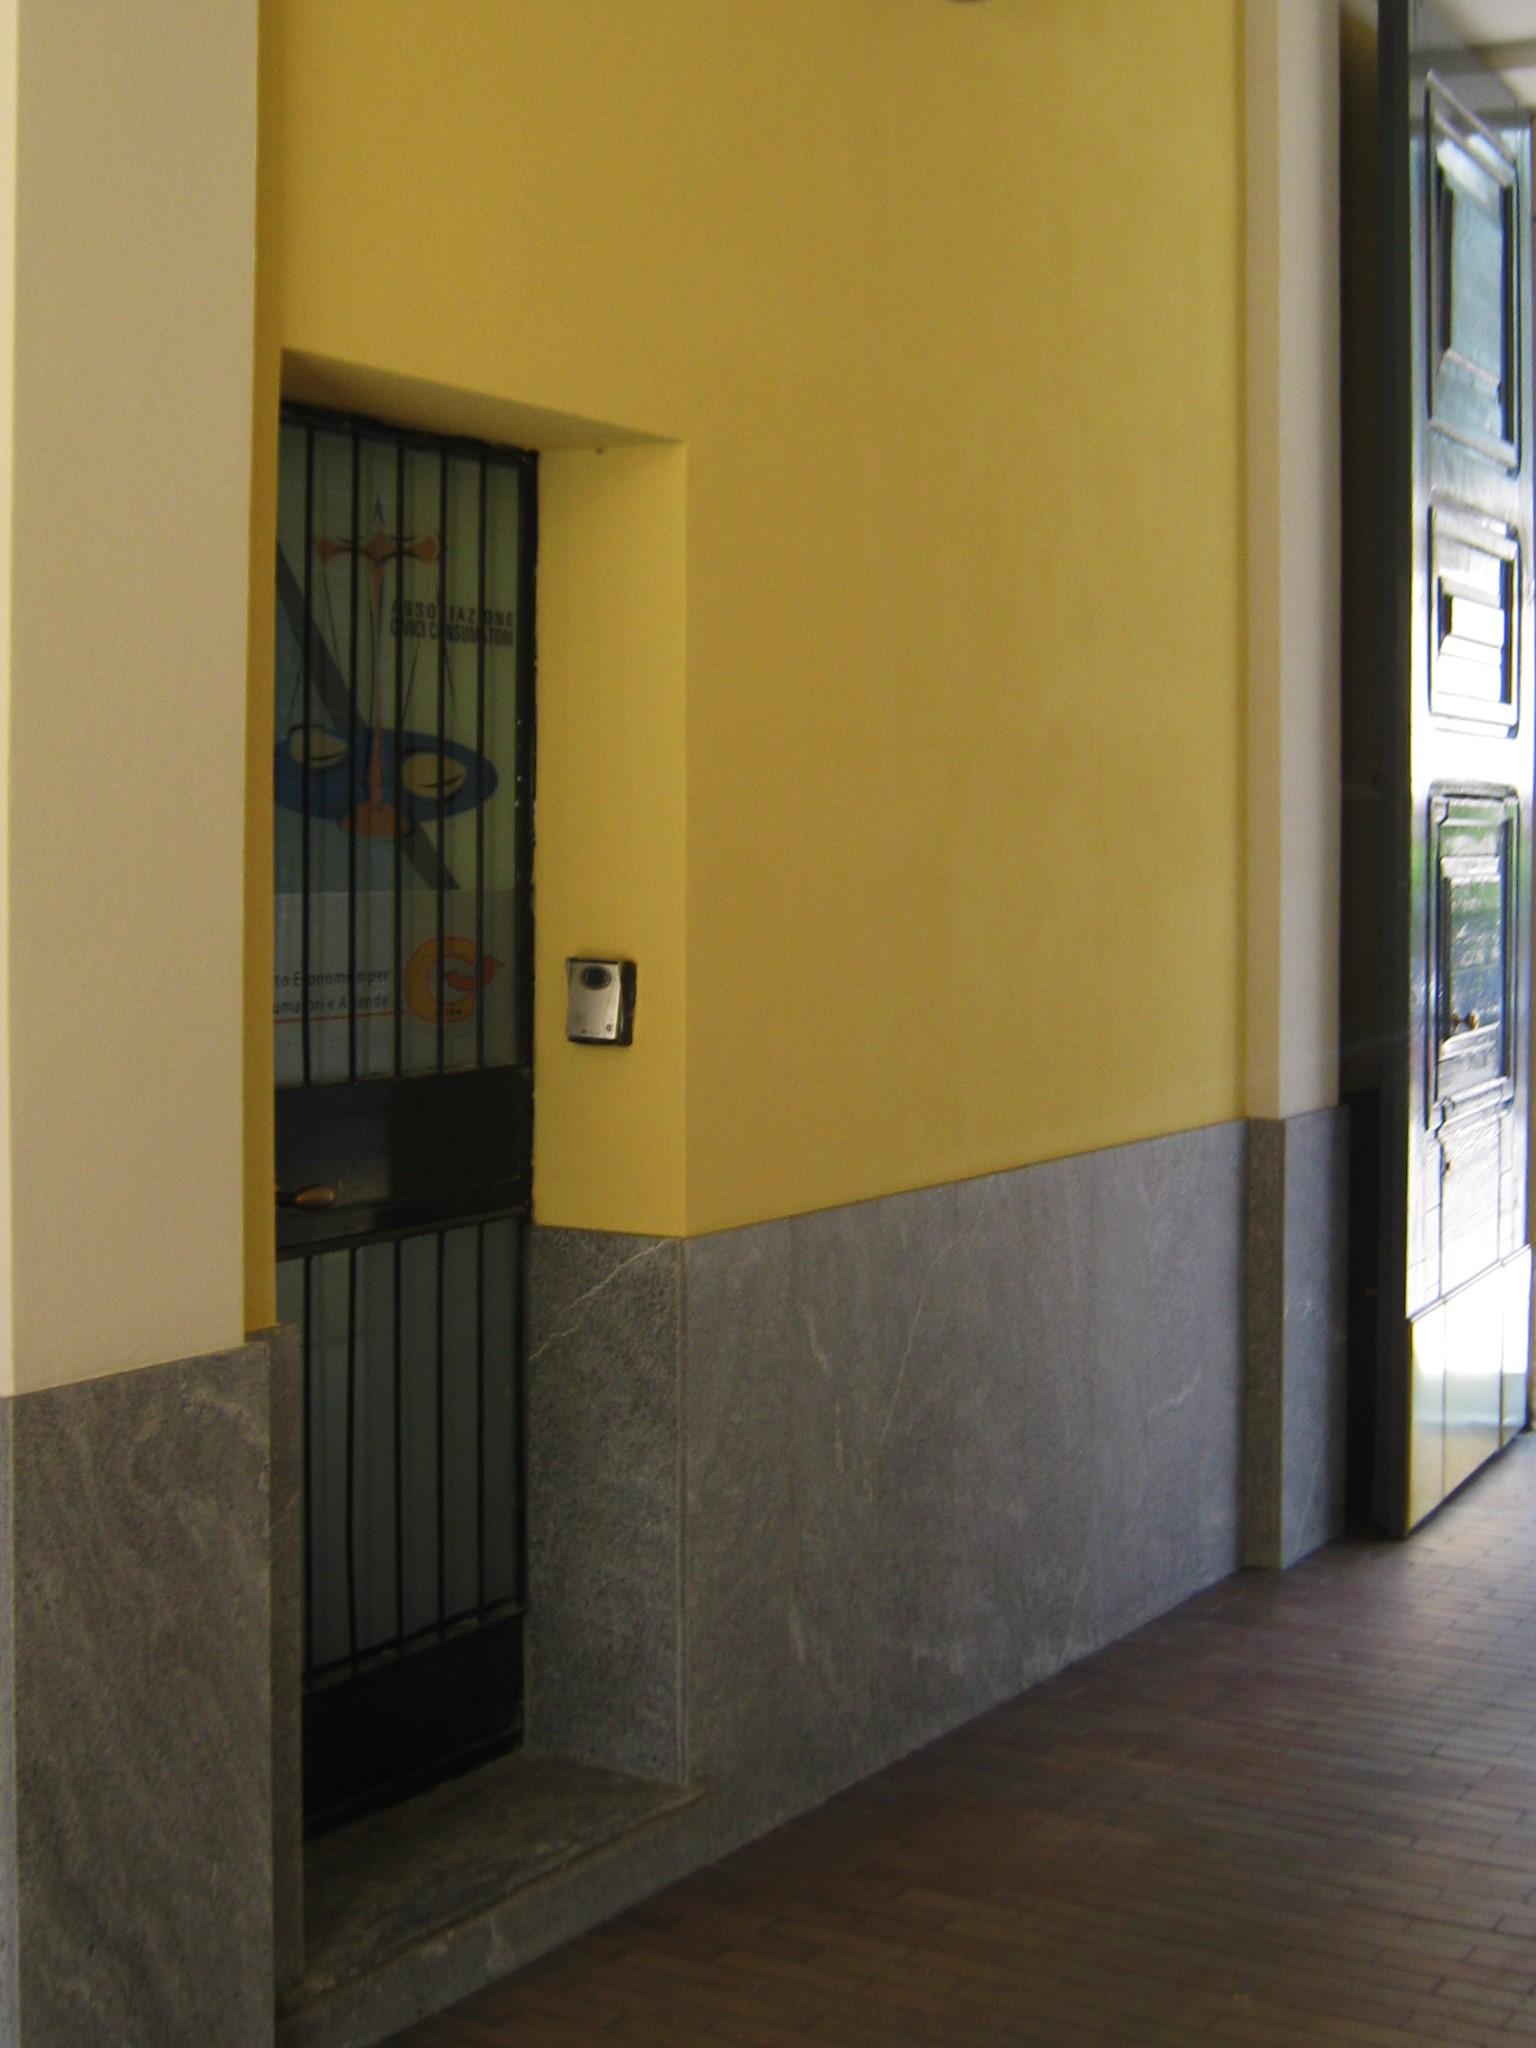 14. Atrio con basamento in lastre di marmo Beola grigio scuro, nuovi intonaci e pitture, vista lato porta di ingresso con citofono: lavori ultimati.